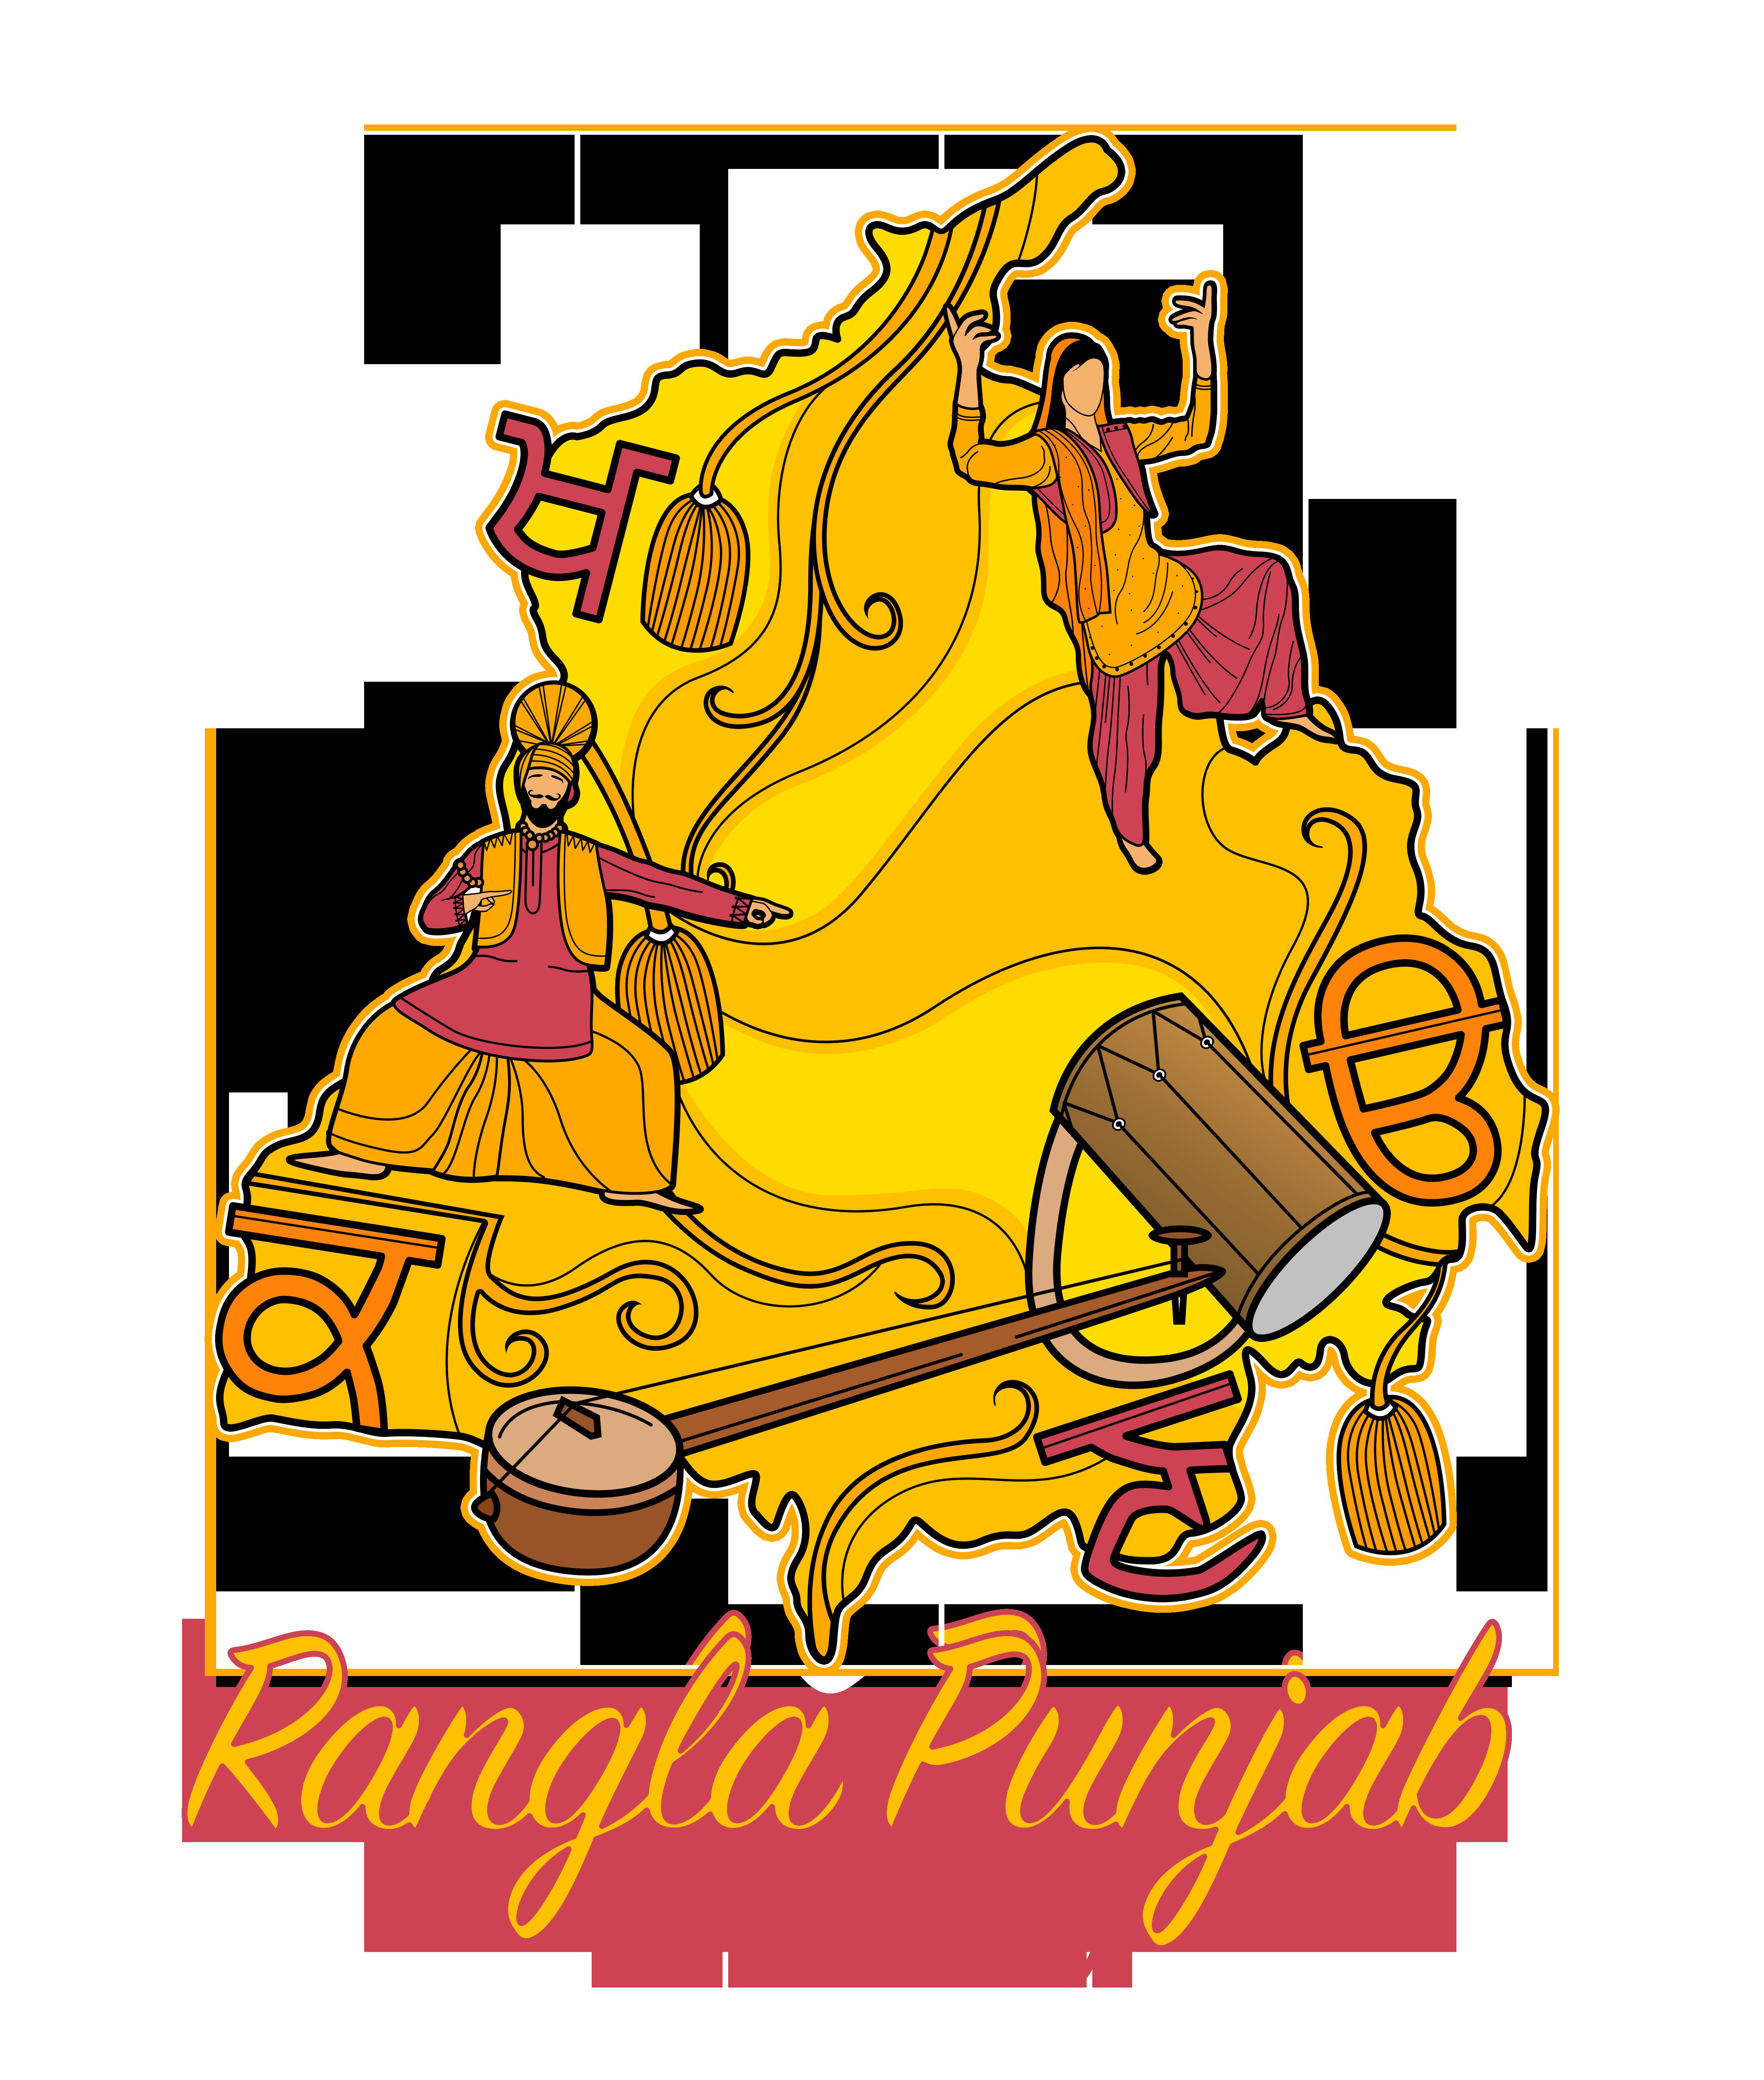 RANGLA_PUNJAB_MAIN_COLOUR_(1).png